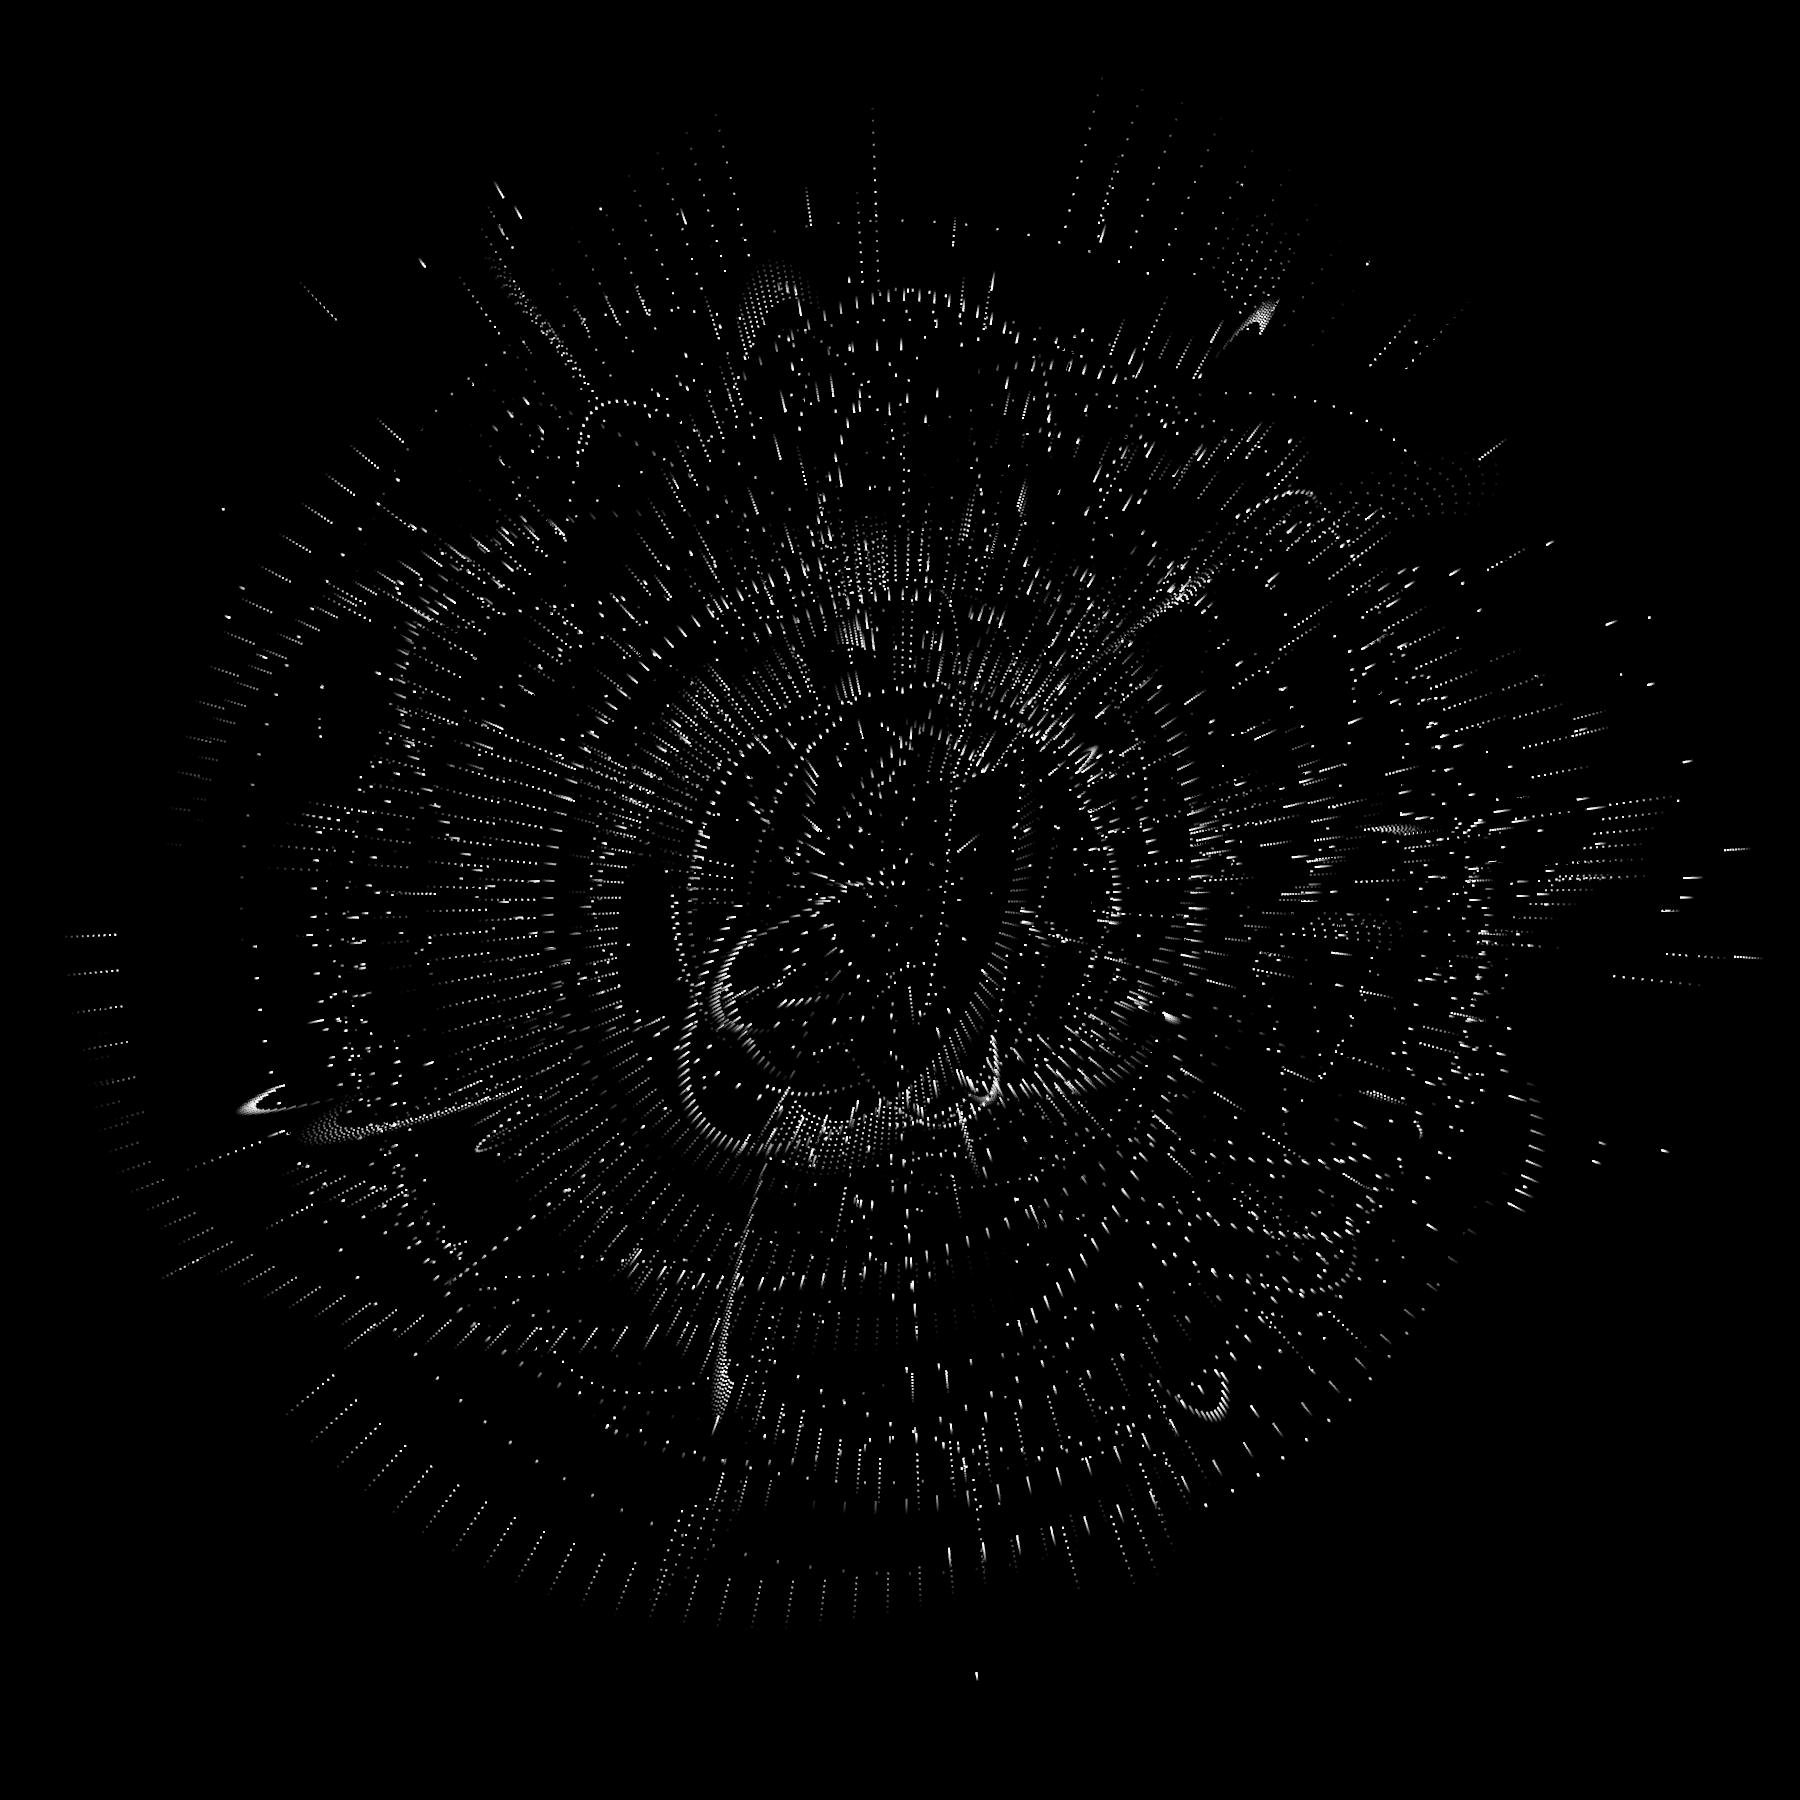 Stellar_WebGL_StackGL_RezaAli.png